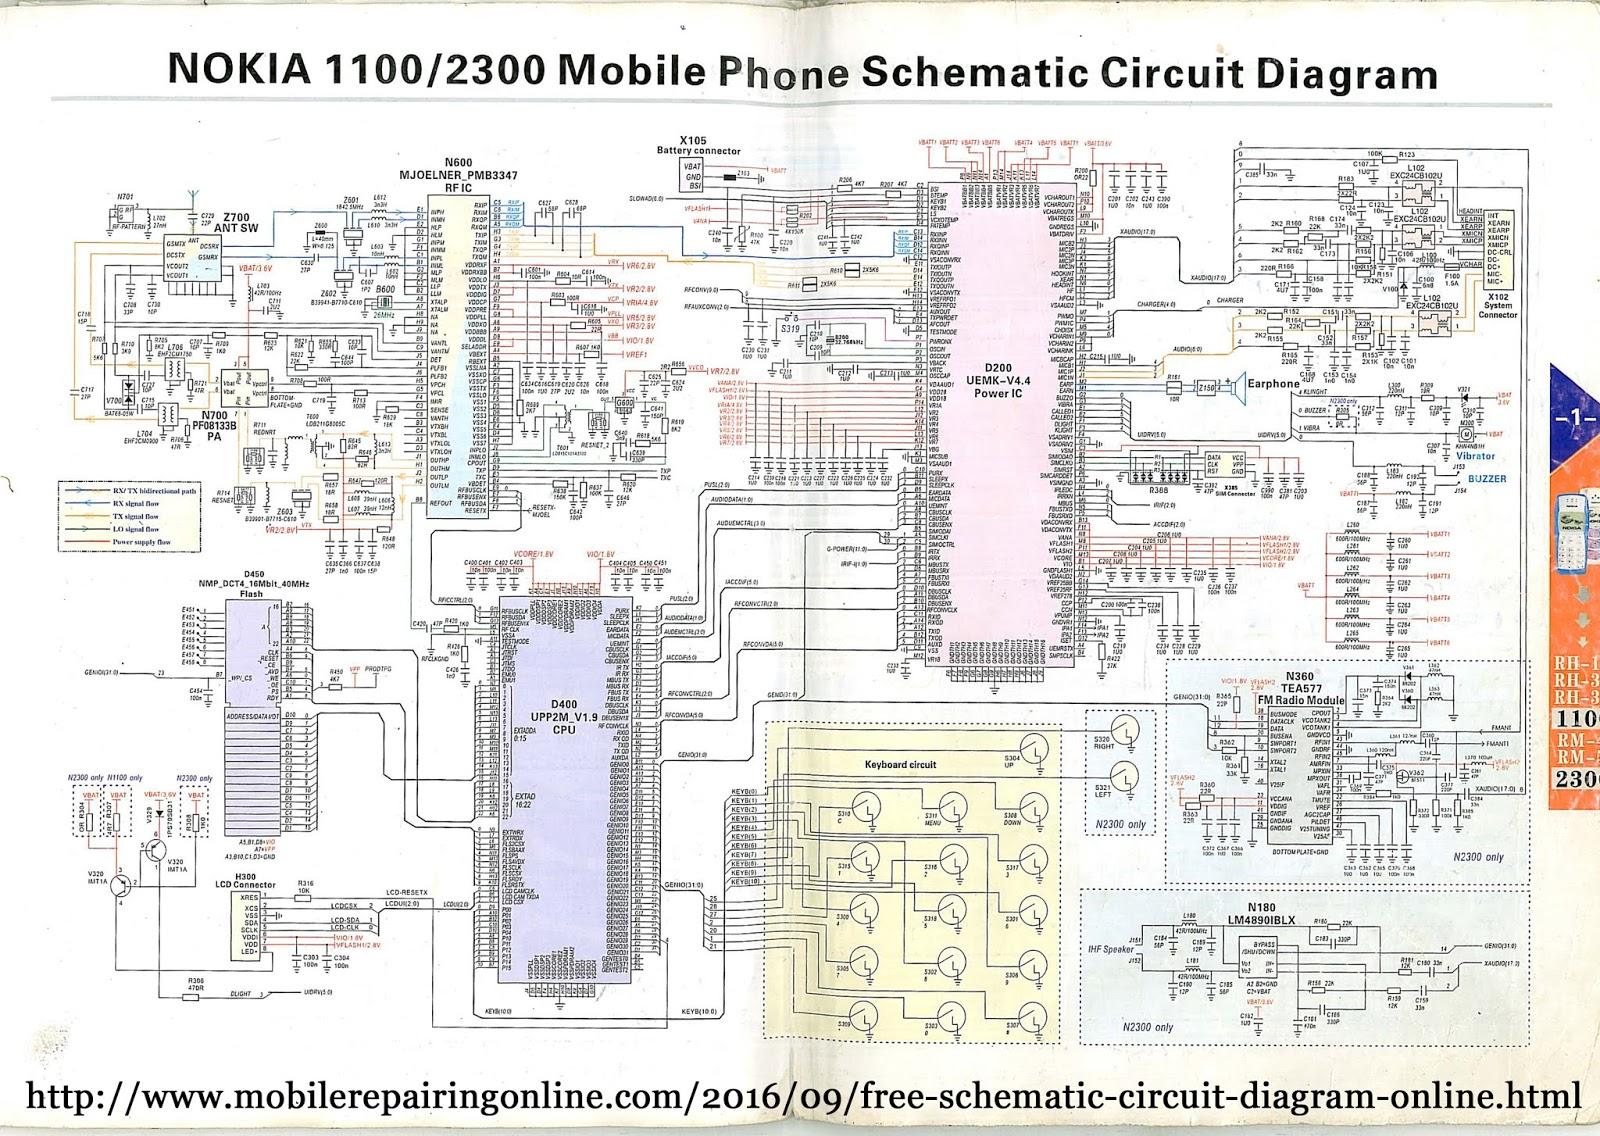 circuit diagram mobile phone wiring diagram split cell phone schematic diagram wiring diagram list circuit diagram [ 1600 x 1136 Pixel ]